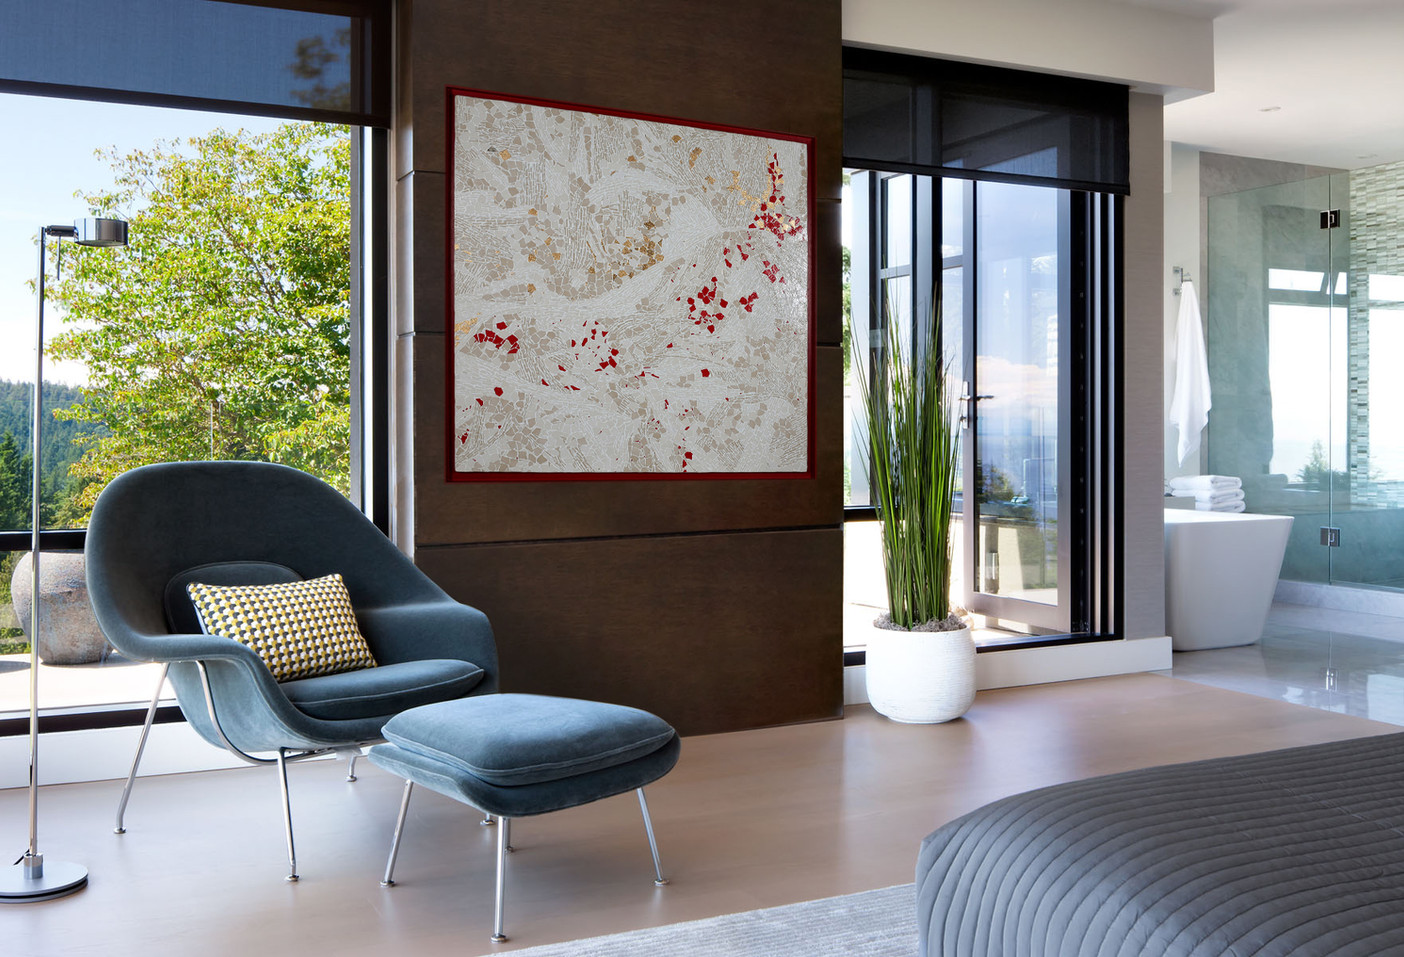 Chambre Vue extérieur Rouge&Or_Bedroom